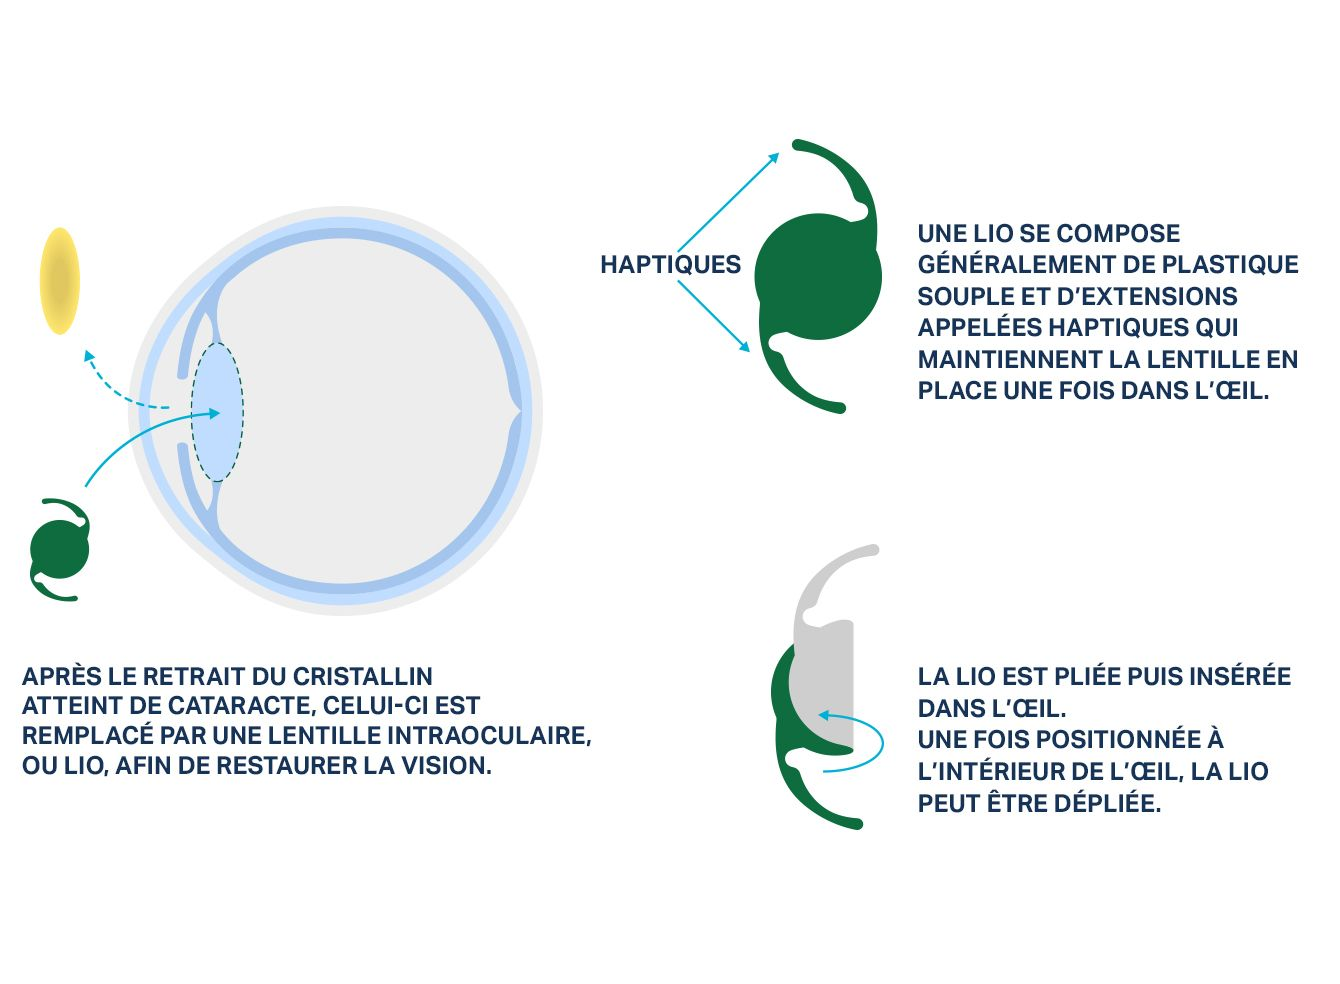 Visuel d'un œil montrant comment une lentille intraoculaire (LIO) remplace le cristallin lors d'une chirurgie de la cataracte.